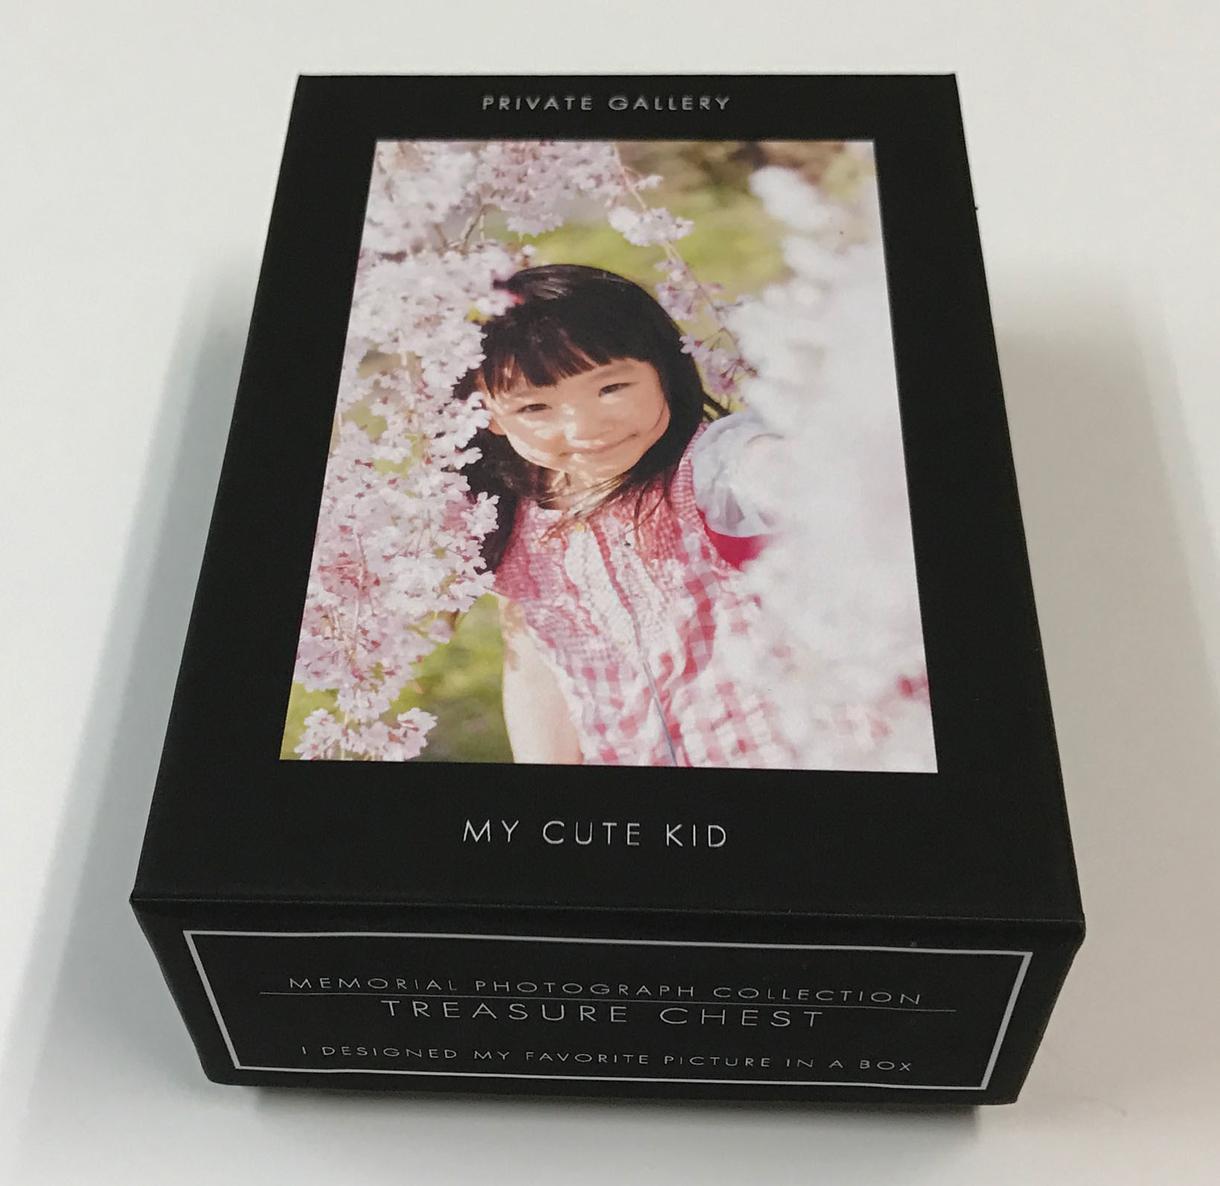 お気に入りの写真モチーフをデザインした箱を作ります 好みのサイズのオリジナル貼り箱5点を手作りでお作りします